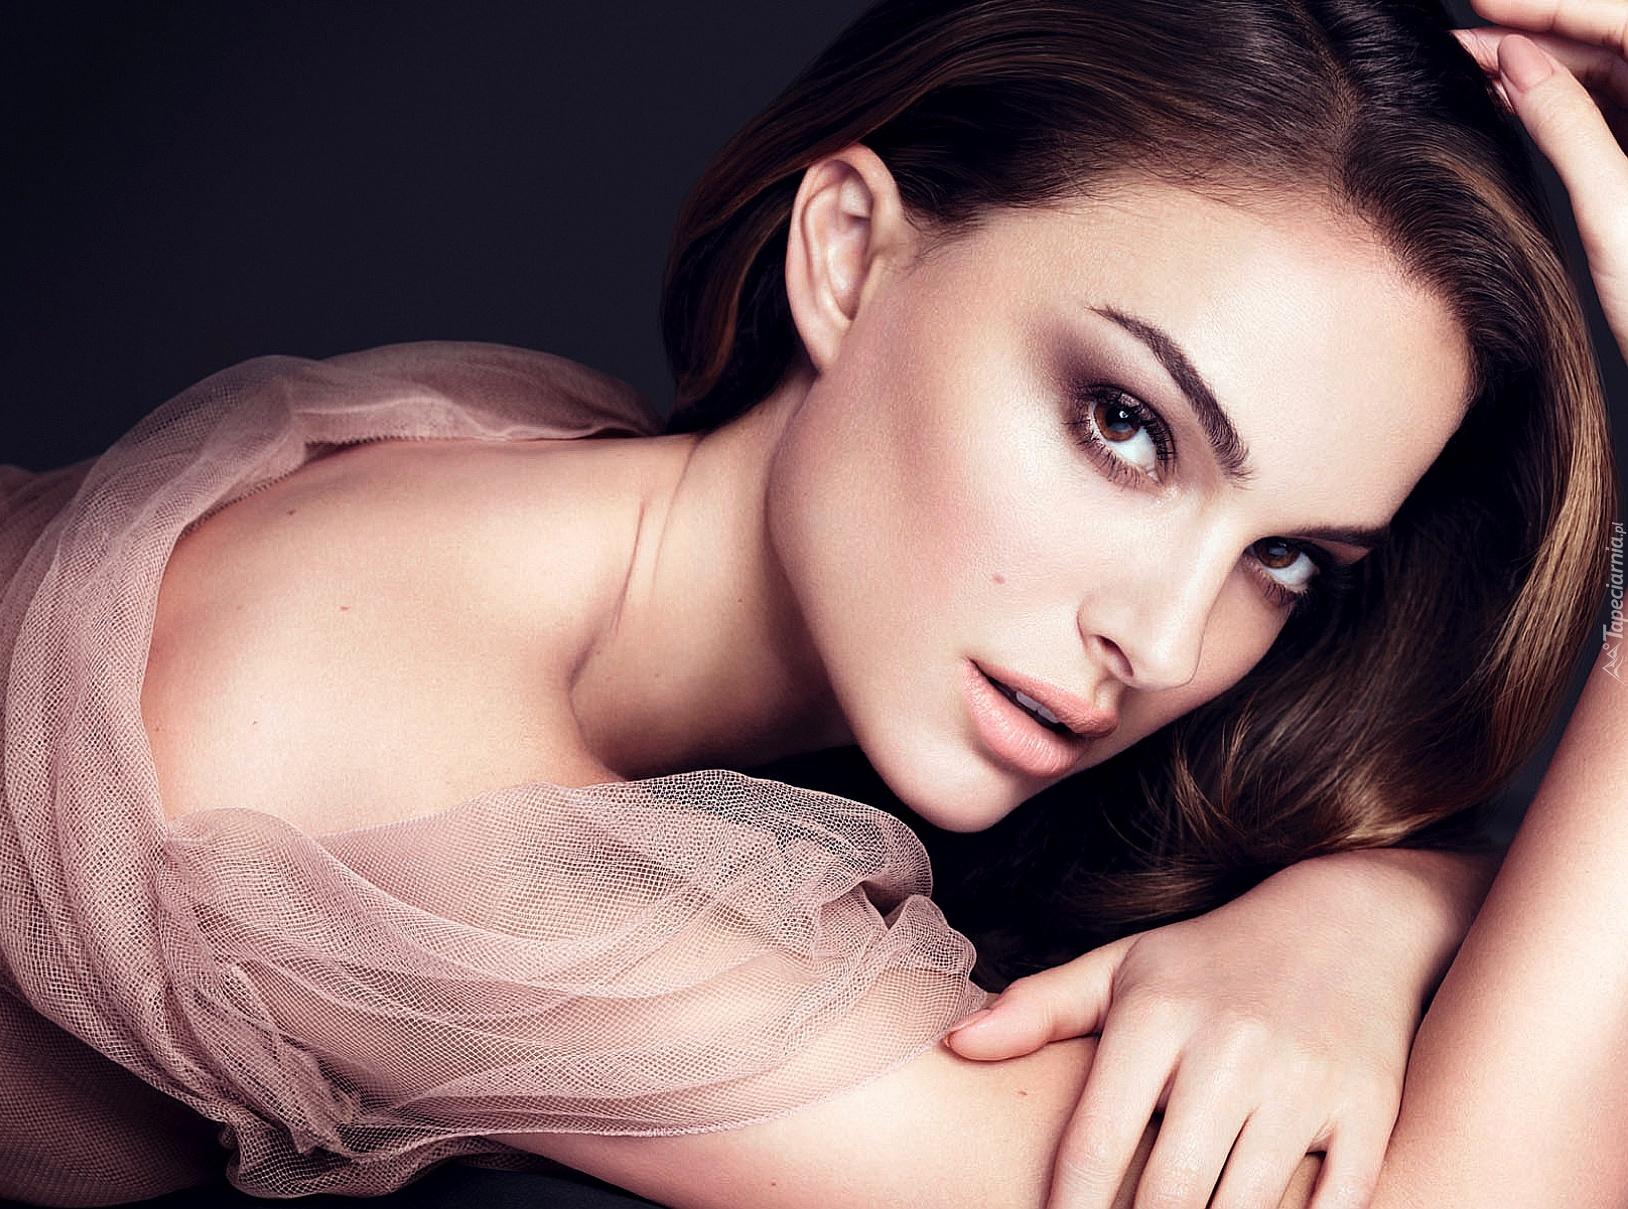 Lily Kim Dla Makijaz Natalie Portman